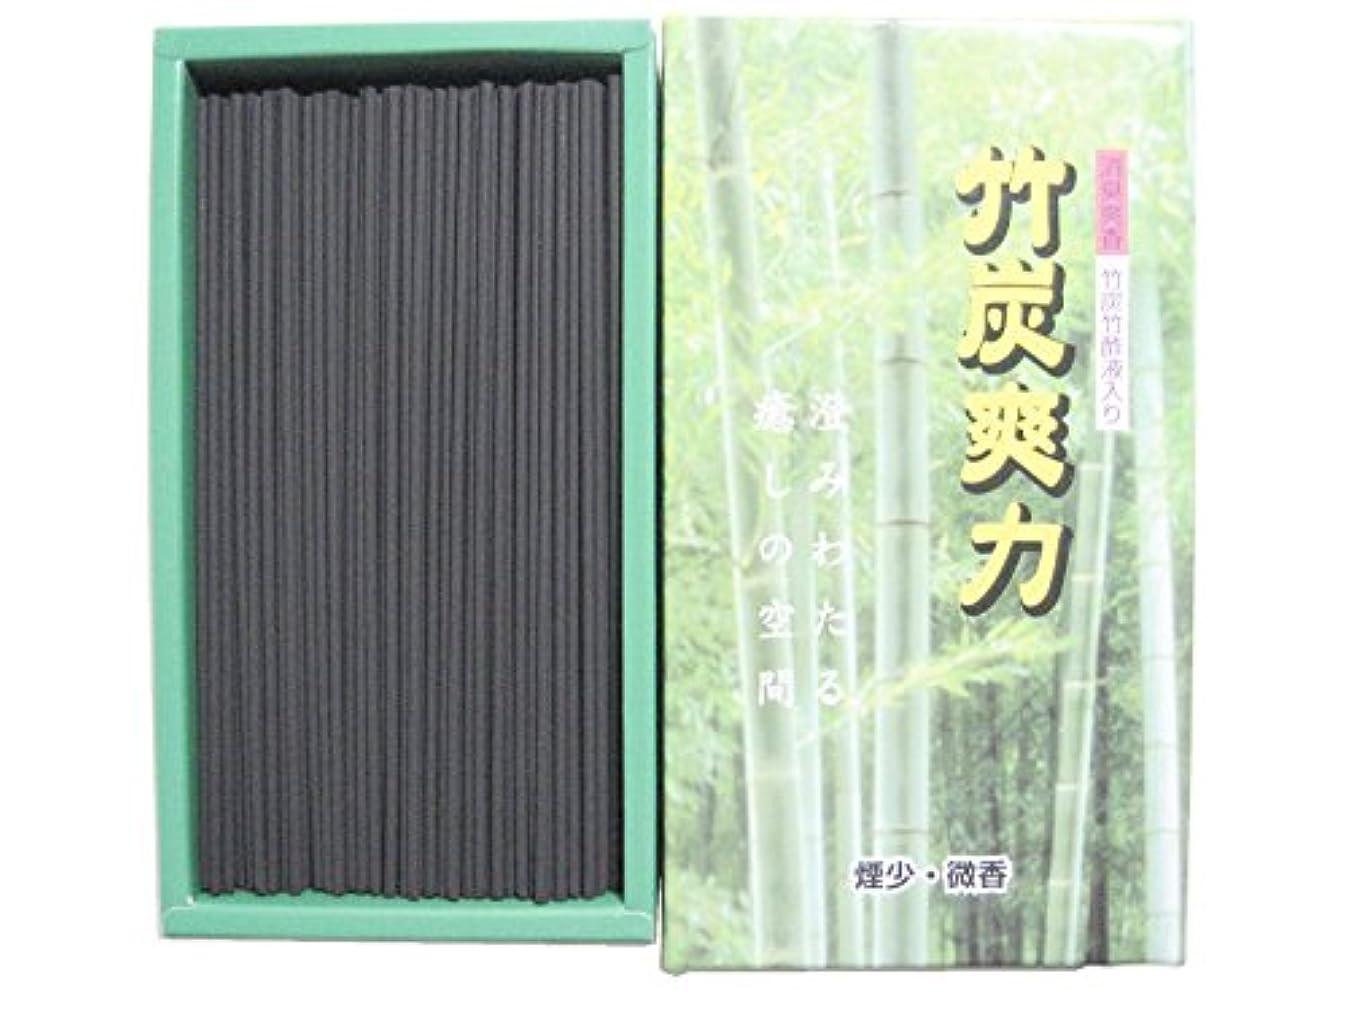 トピックラウズダーツ淡路梅薫堂の竹炭けむりの少ないお線香 竹炭爽力微香 95g #250 ×5